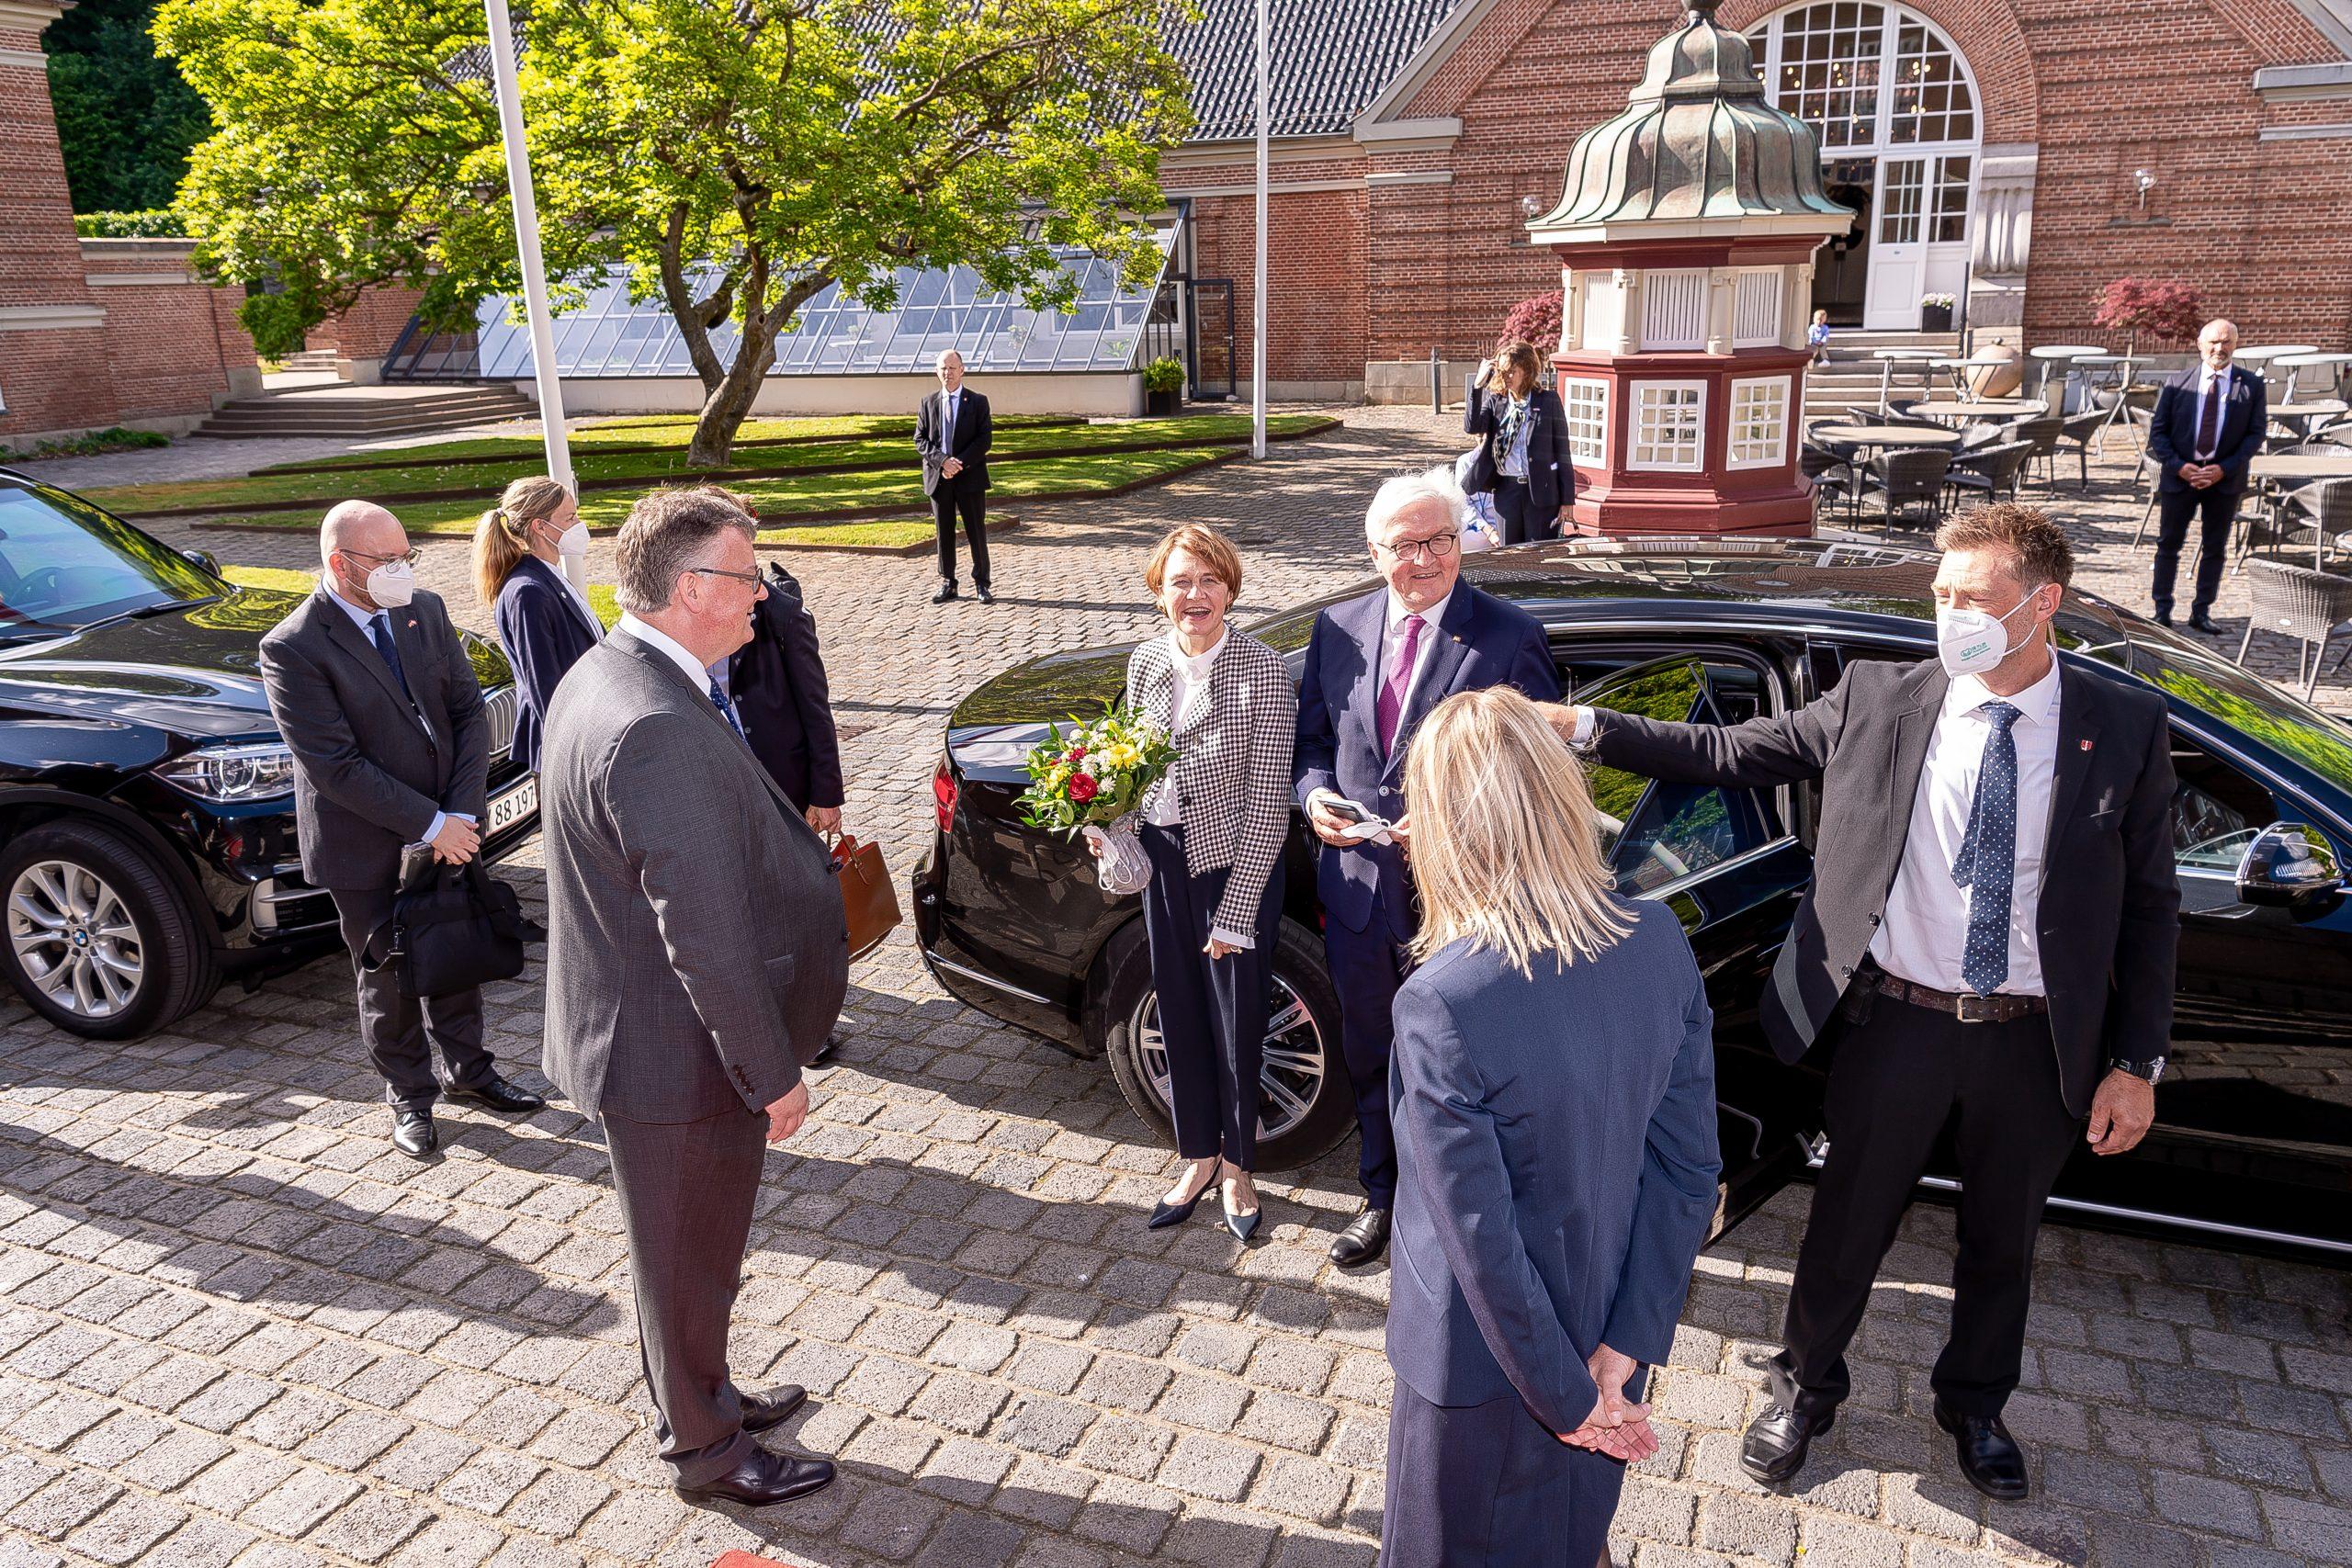 Den tyske forbundspræsident, Frank-Walter Steinmeier, og frue, Elke Büdenbender, modtages ved ankomsten til Koldingfjord af hotellets direktør, Peder Madsen, til venstre, og hotelchef Mette Ahrendtsen, med ryggen til. Pressefoto fra Hotel Koldingfjord.